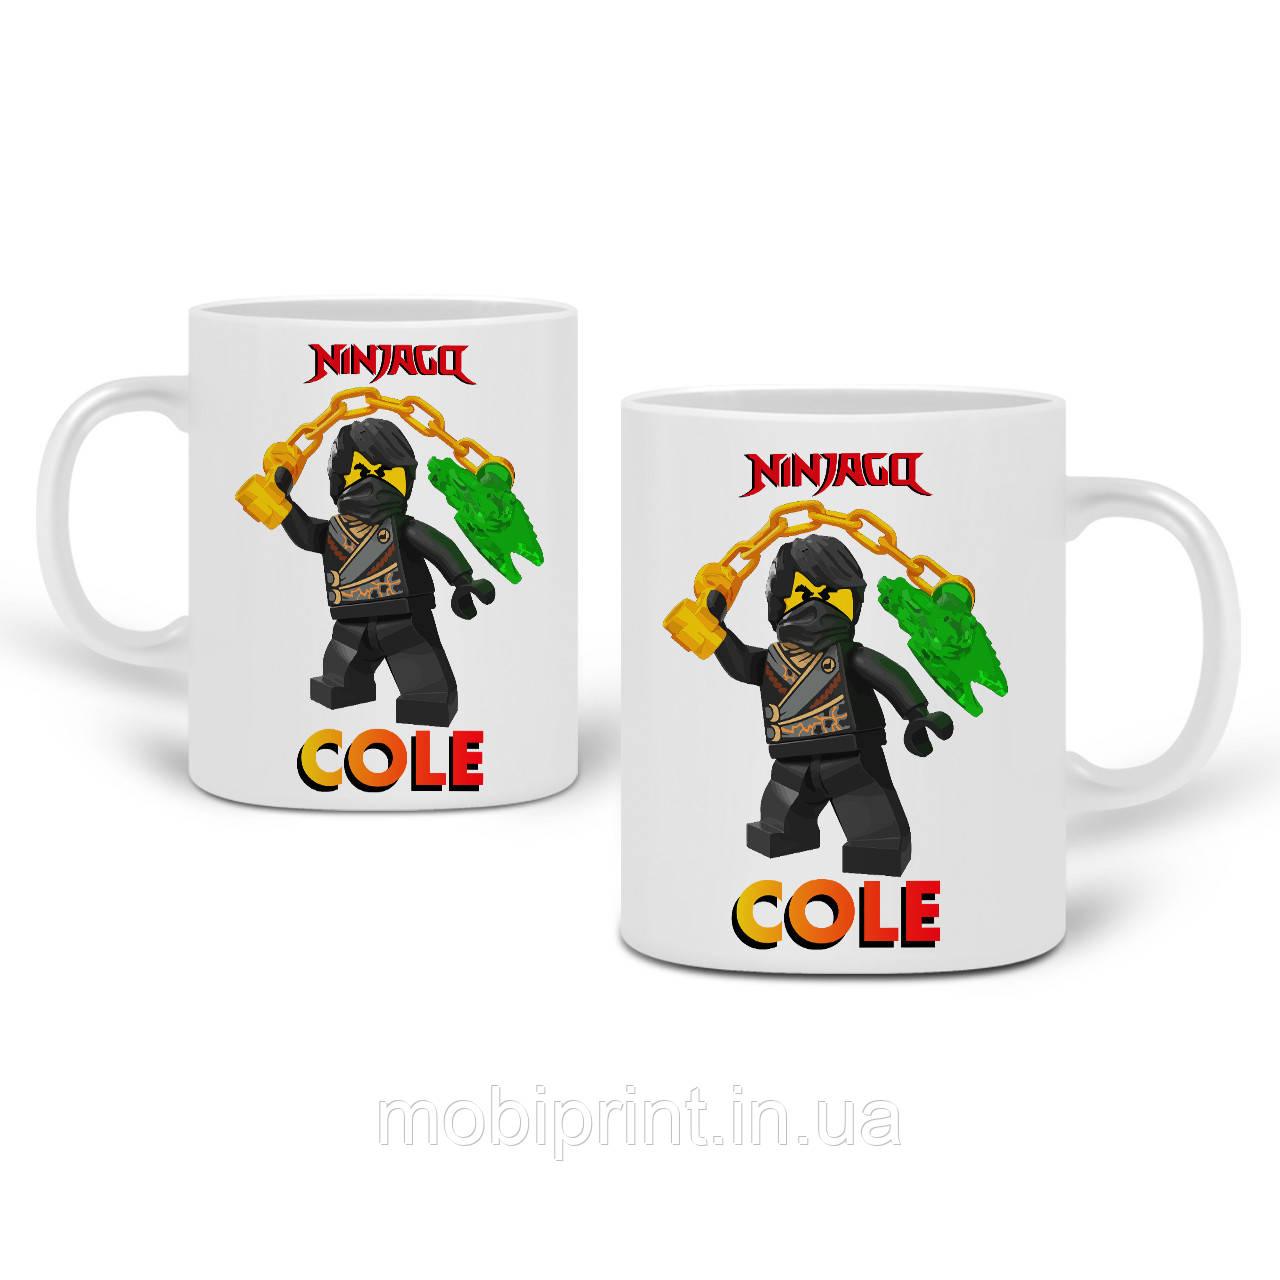 Кружка Коул Лего Ниндзяго (Cole LEGO Ninjago Masters of Spinjitzu) 330 мл Чашка Керамическая (20259-2640)